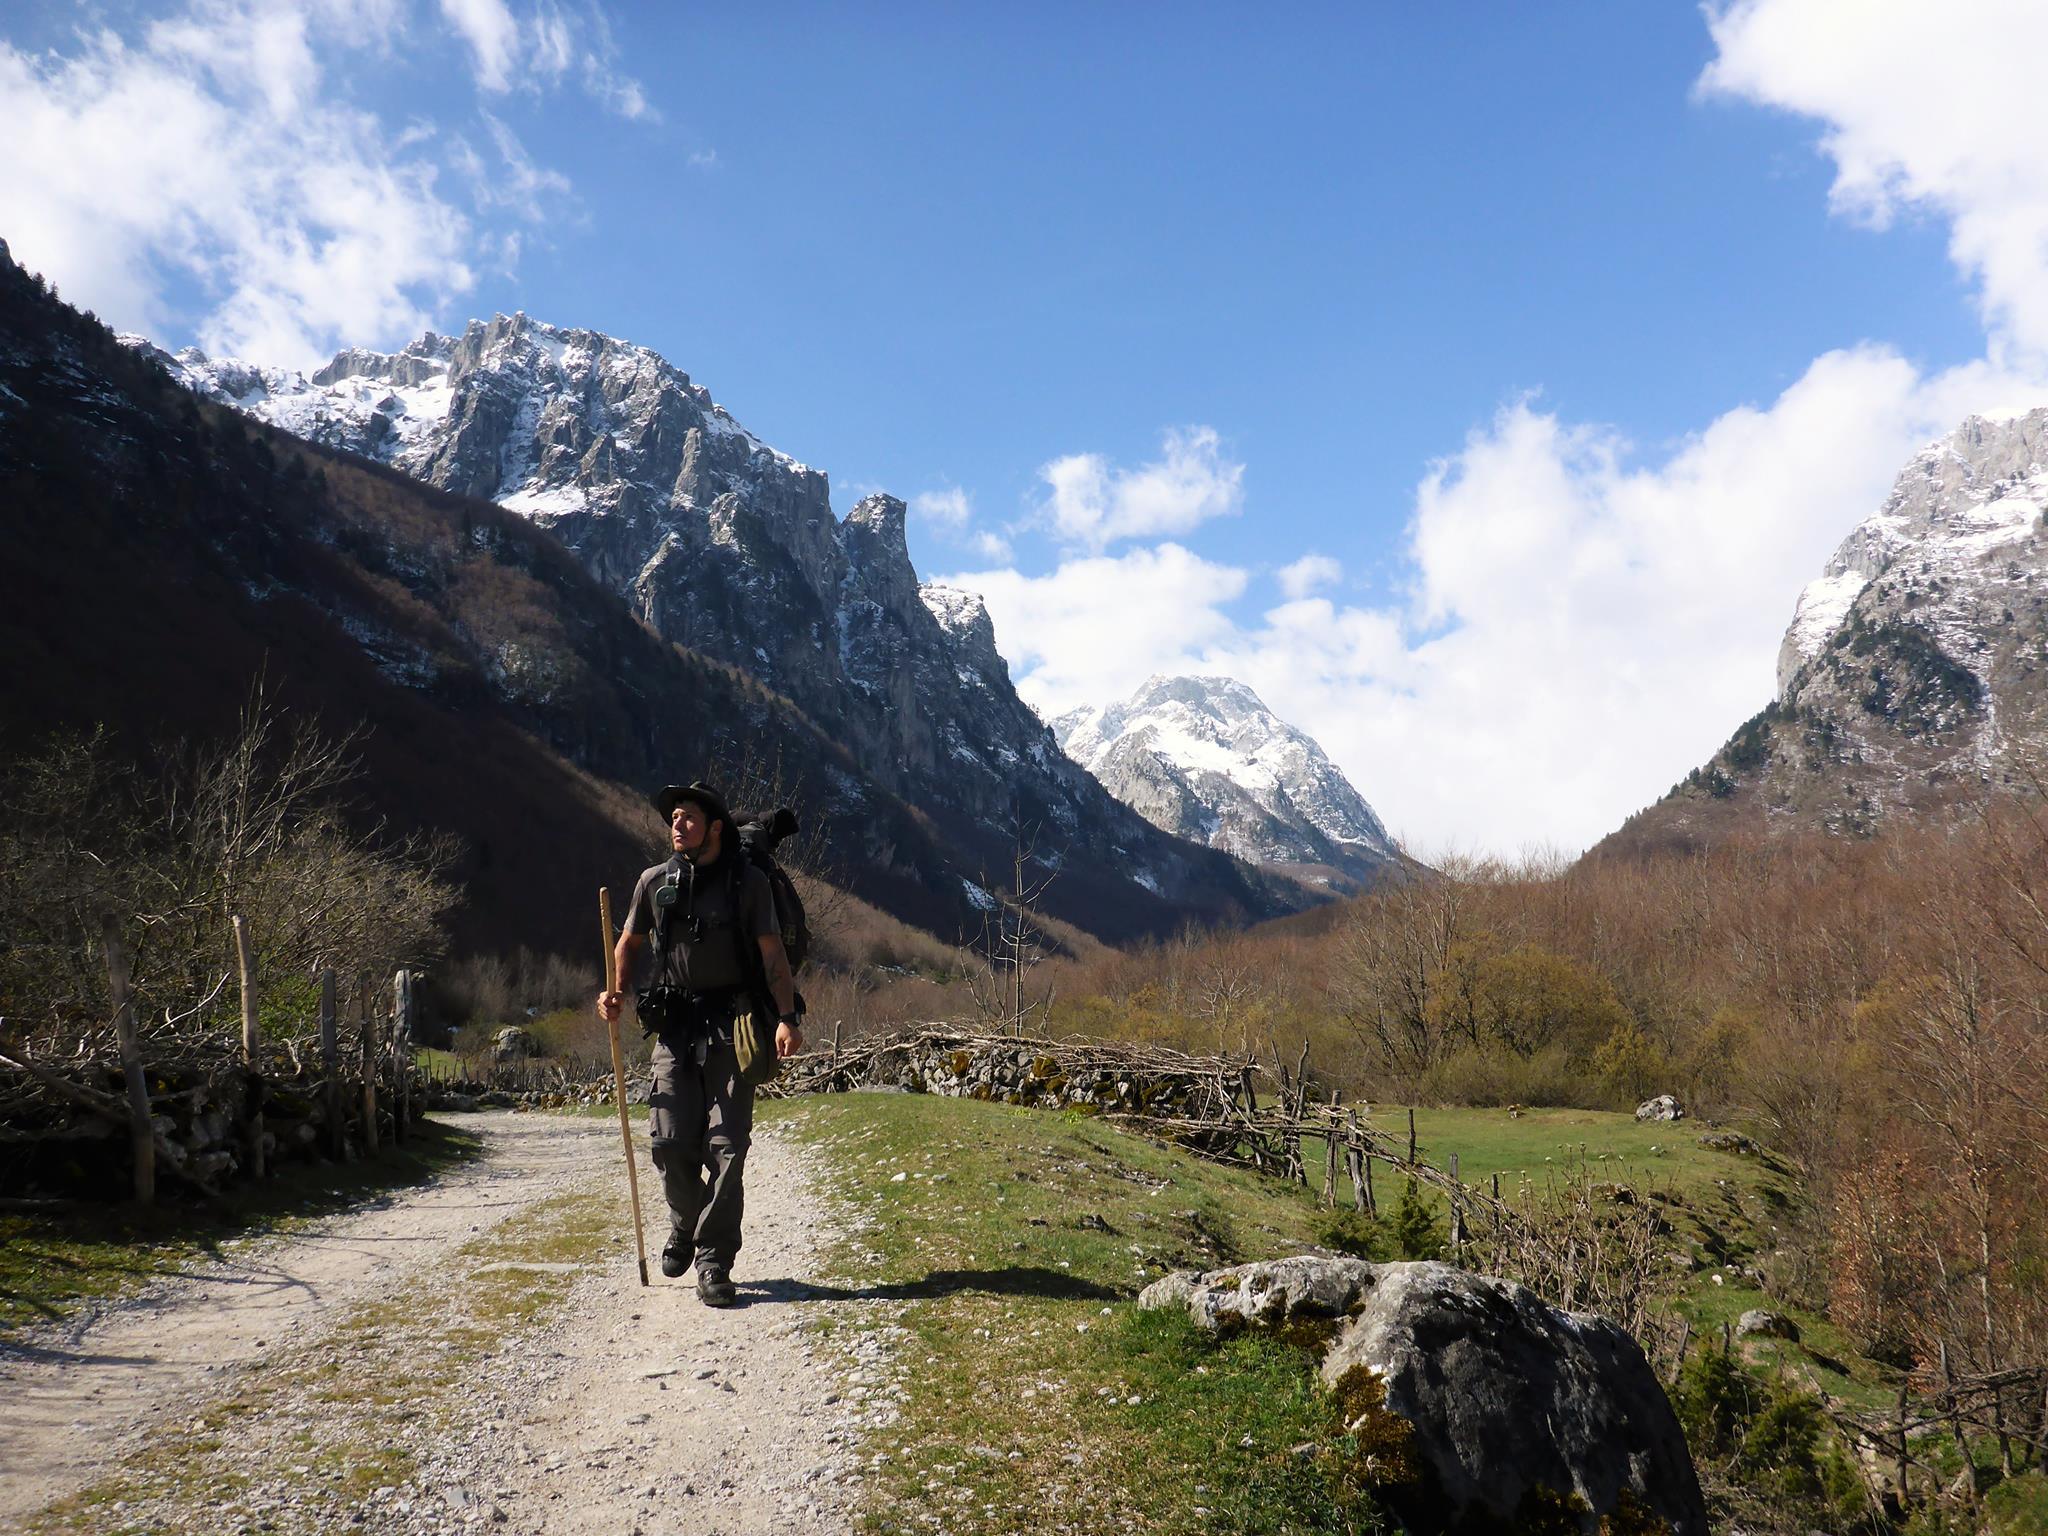 J'arrive enfin au Monténégro après ce difficile passage par les montagnes albanaises